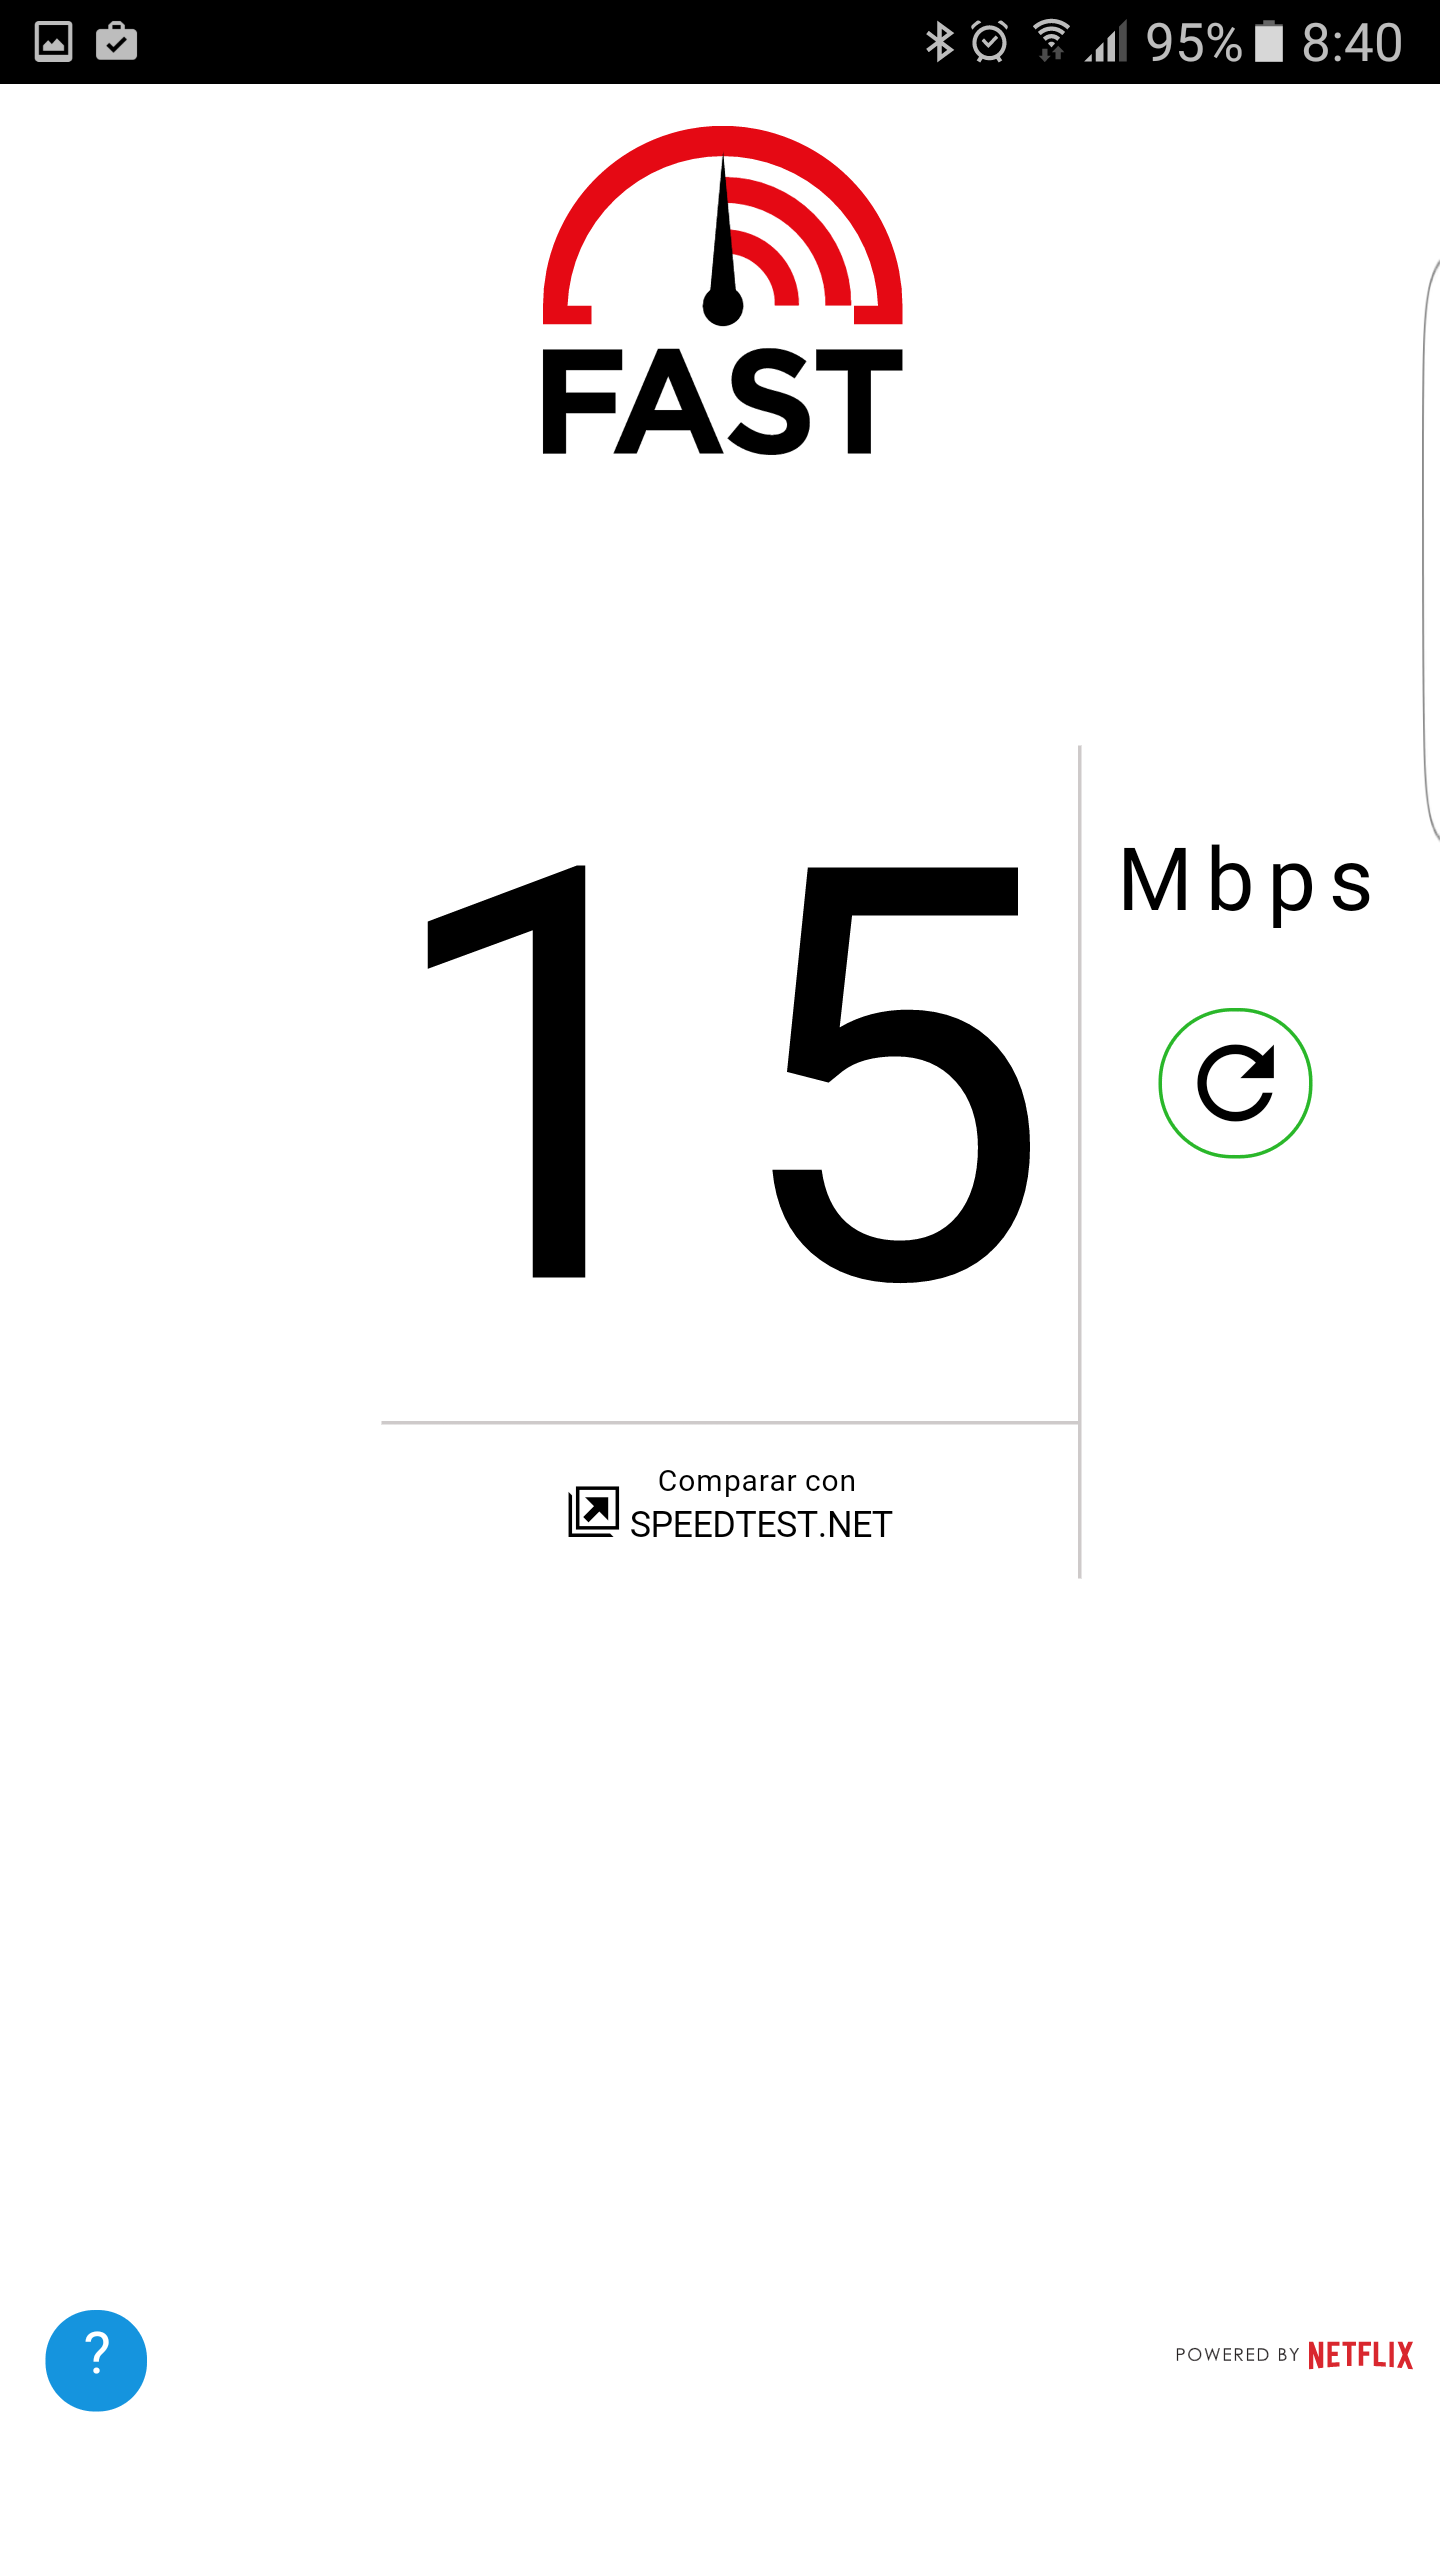 Aplicaicón FAST Speed Test de Netflix